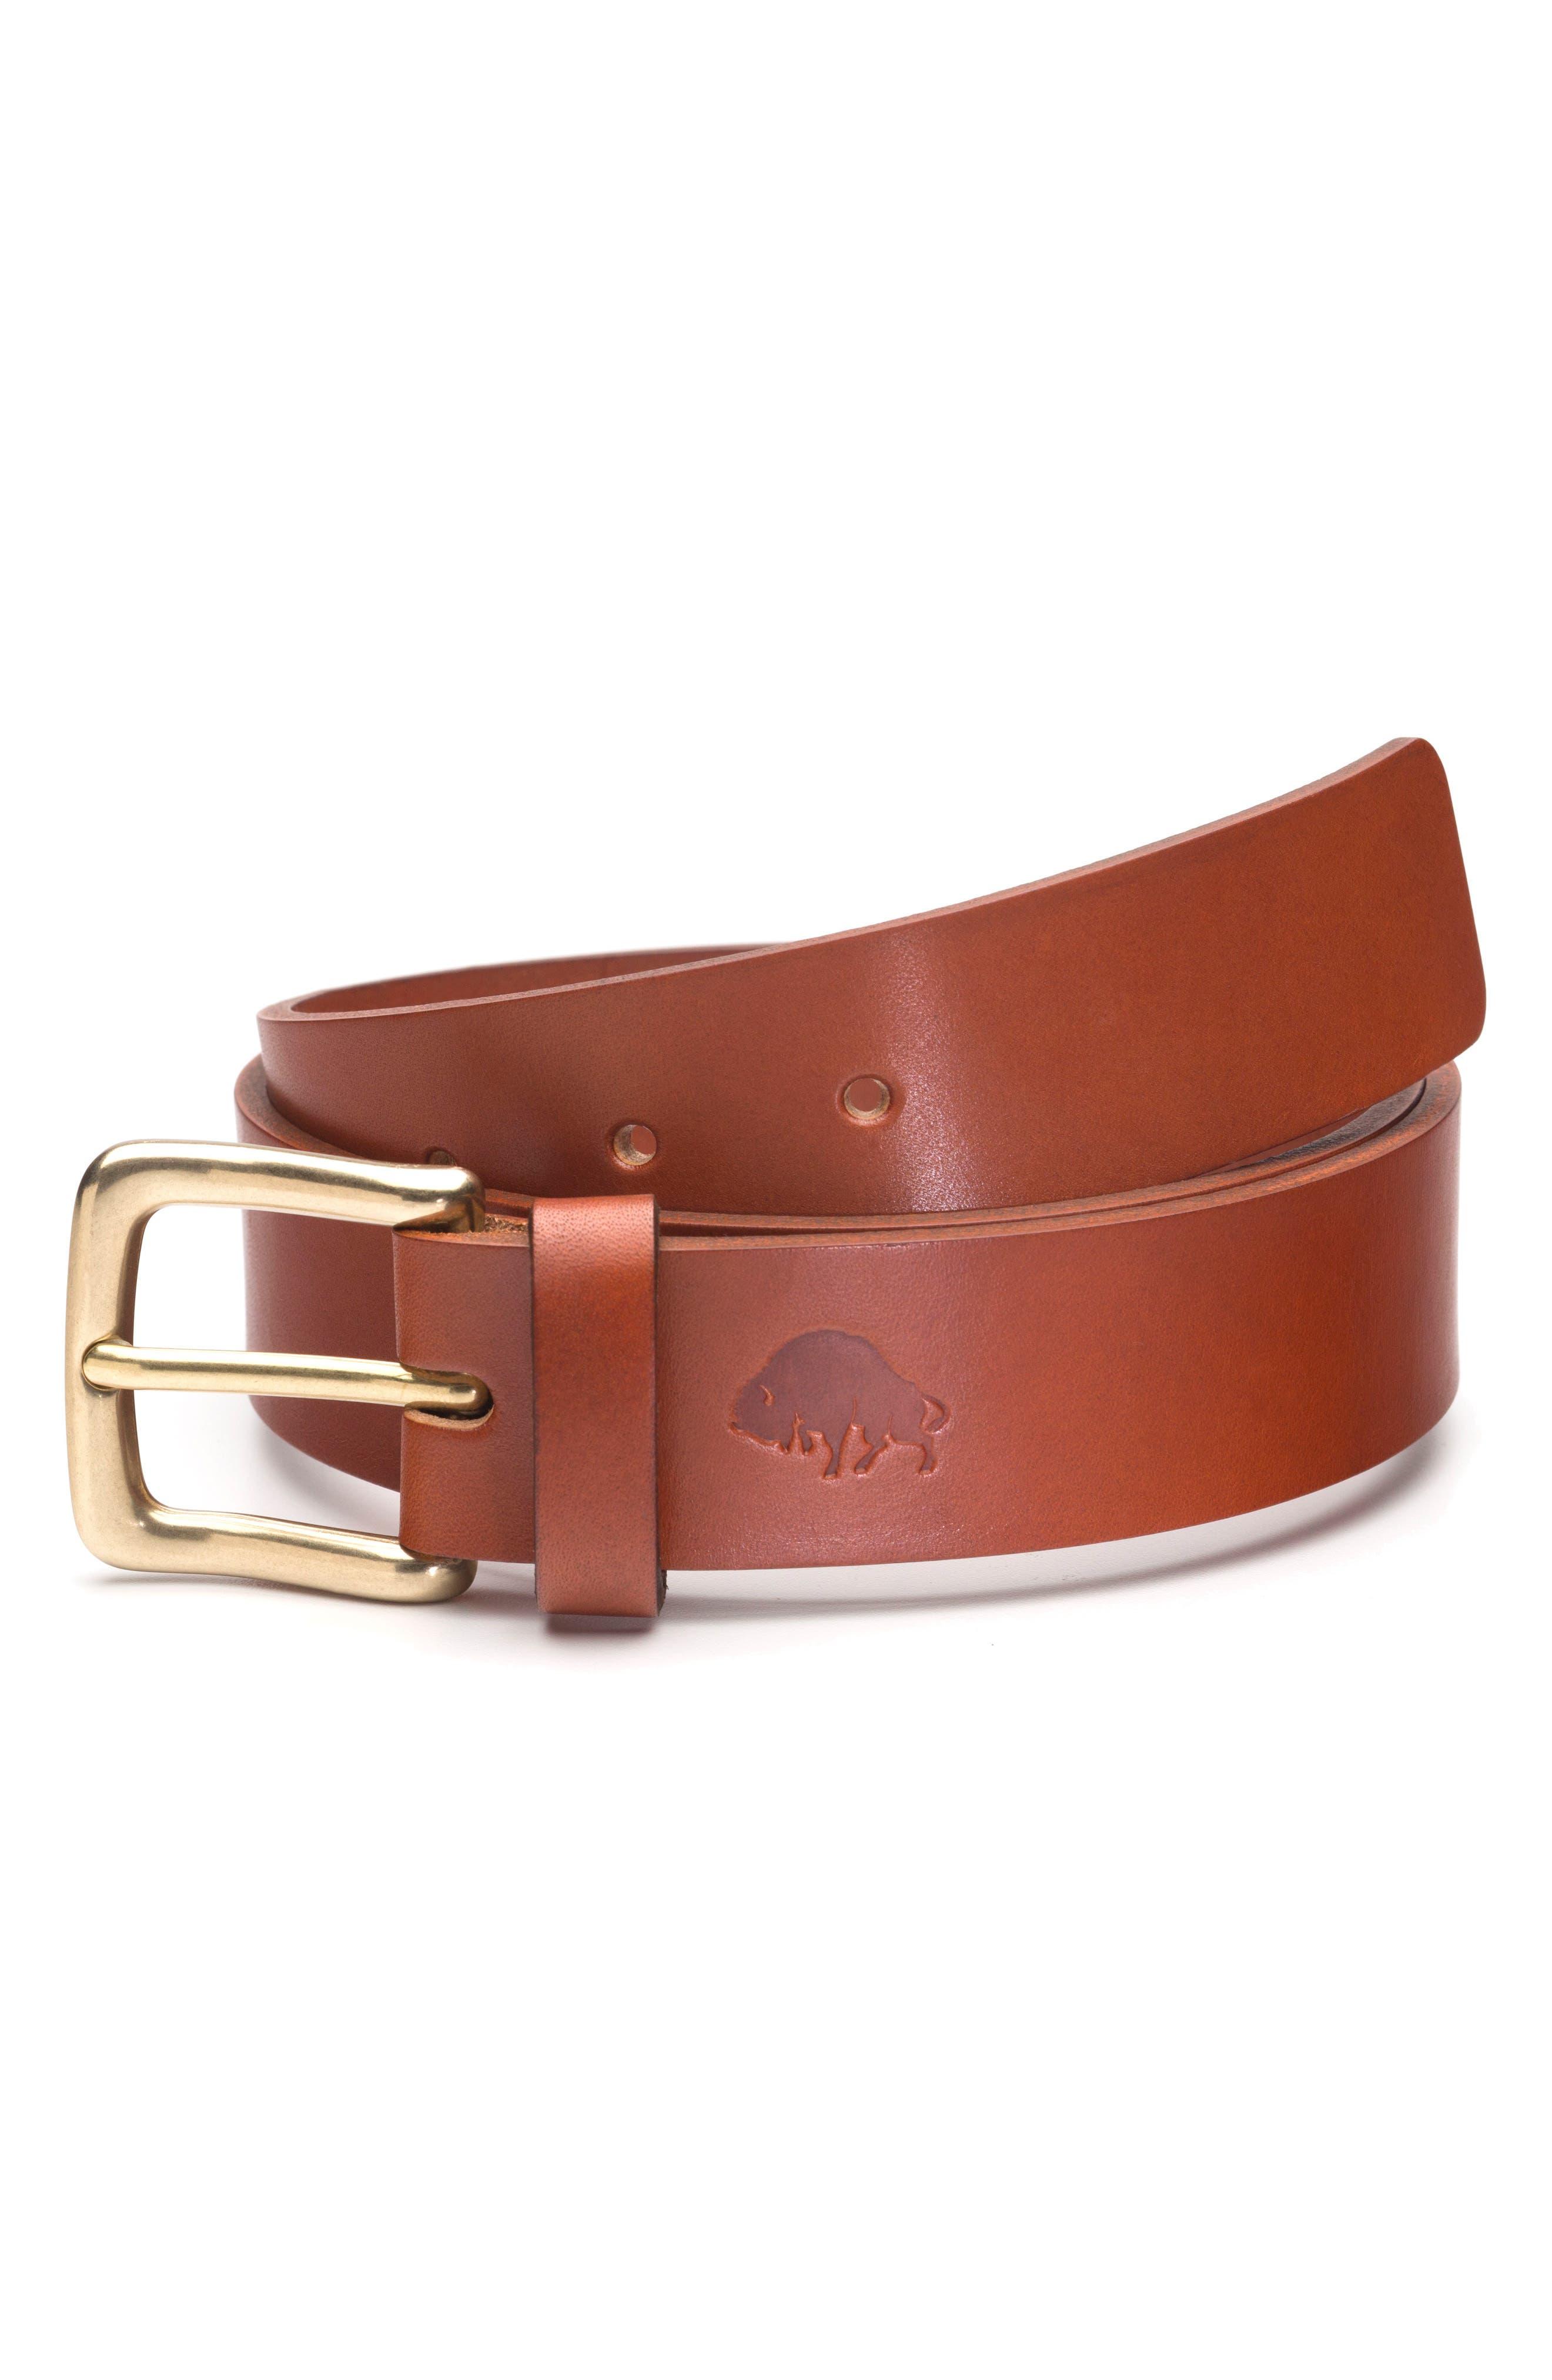 Ezra Arthur No. 1 Leather Belt